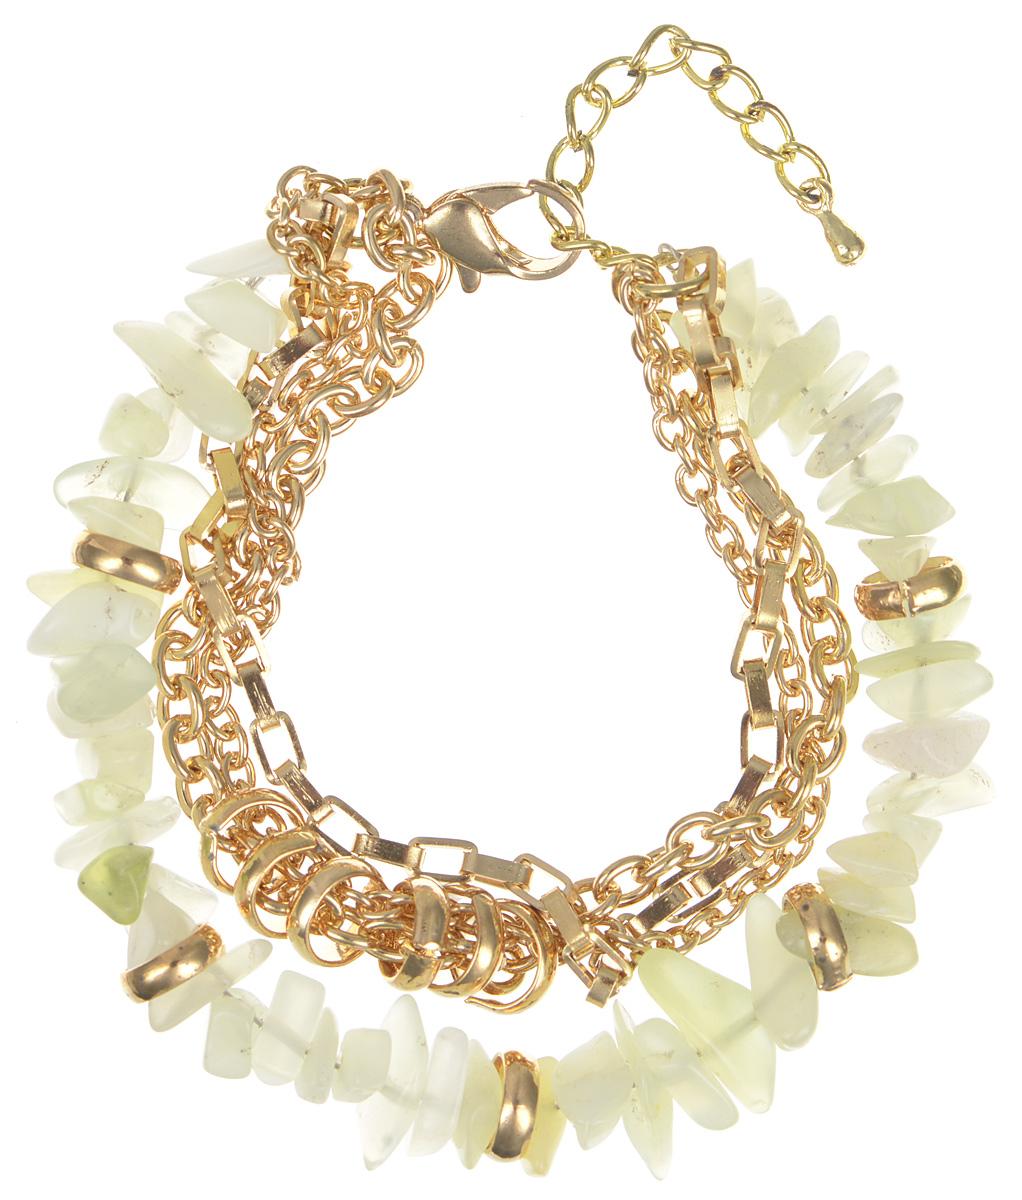 Браслет женский Fashion House, цвет: золотой, светло-зеленый. FH29058FH29058Роскошный многорядный браслет Fashion House выполнен из камня и тонких металлических позолоченных цепочек и застегивается на удобный замочек-карабин с цепочкой. Полупрозрачные камни неприхотливы к выбору гаммы наряда, поэтому этот браслет смело можно назвать универсальным украшением на каждый день. Он украсит ваше запястье и добавит великолепия вашему образу.